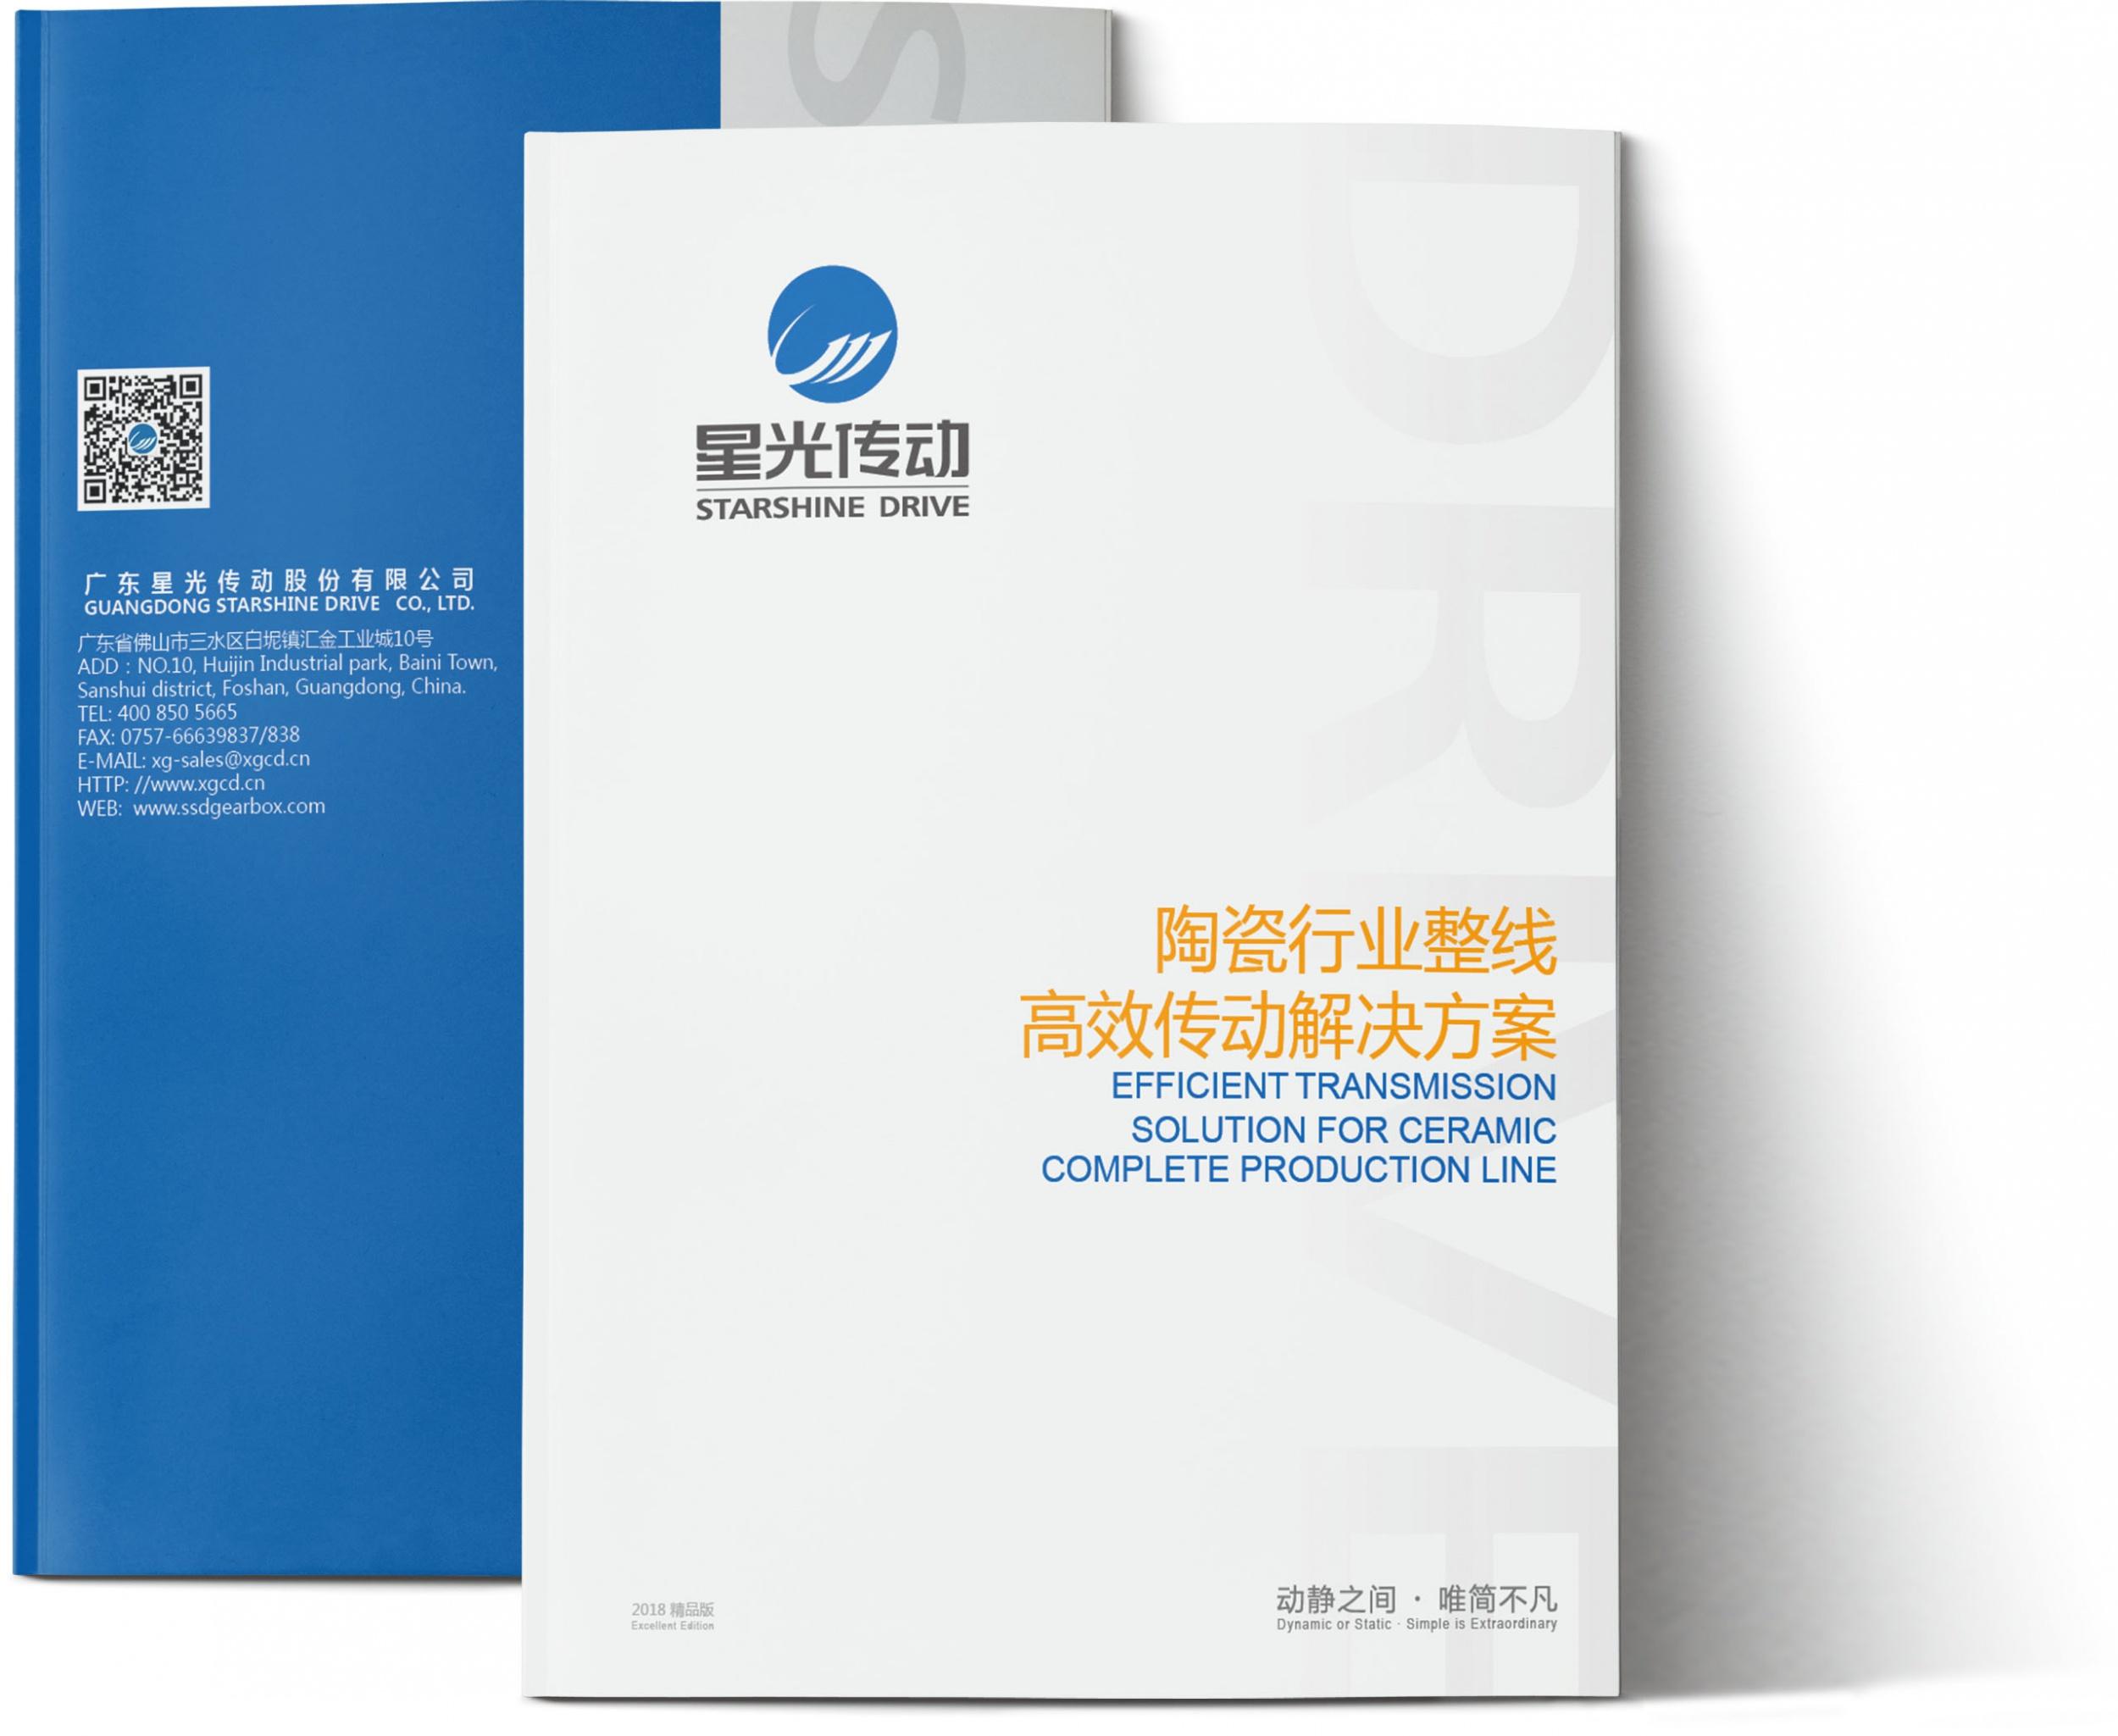 廣東星光傳動股份有限公司